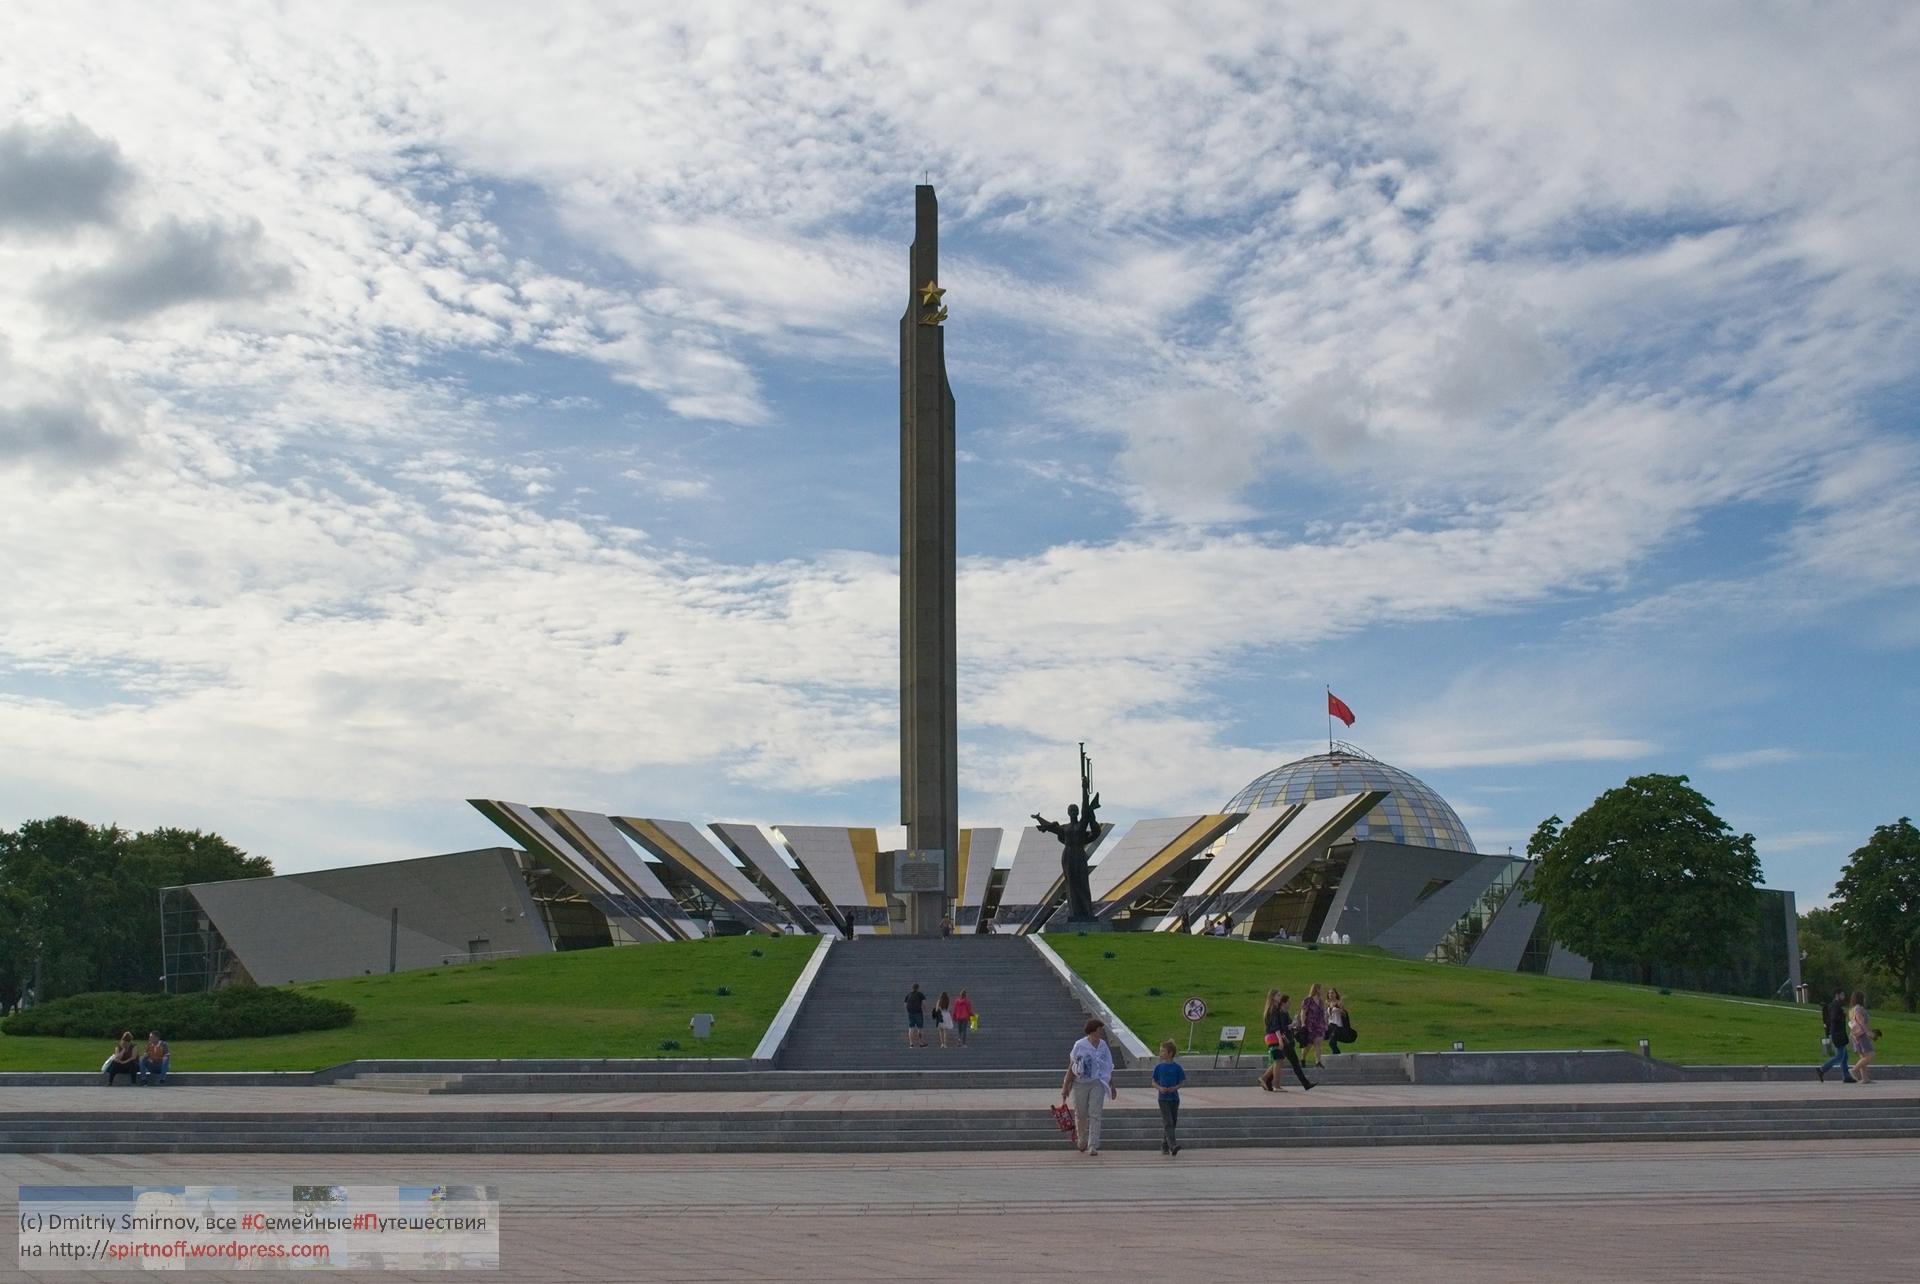 DSC_7049-23-Blog-54 Путешествия  Минск. Музей Великой Отечественной Войны и Парк Победы